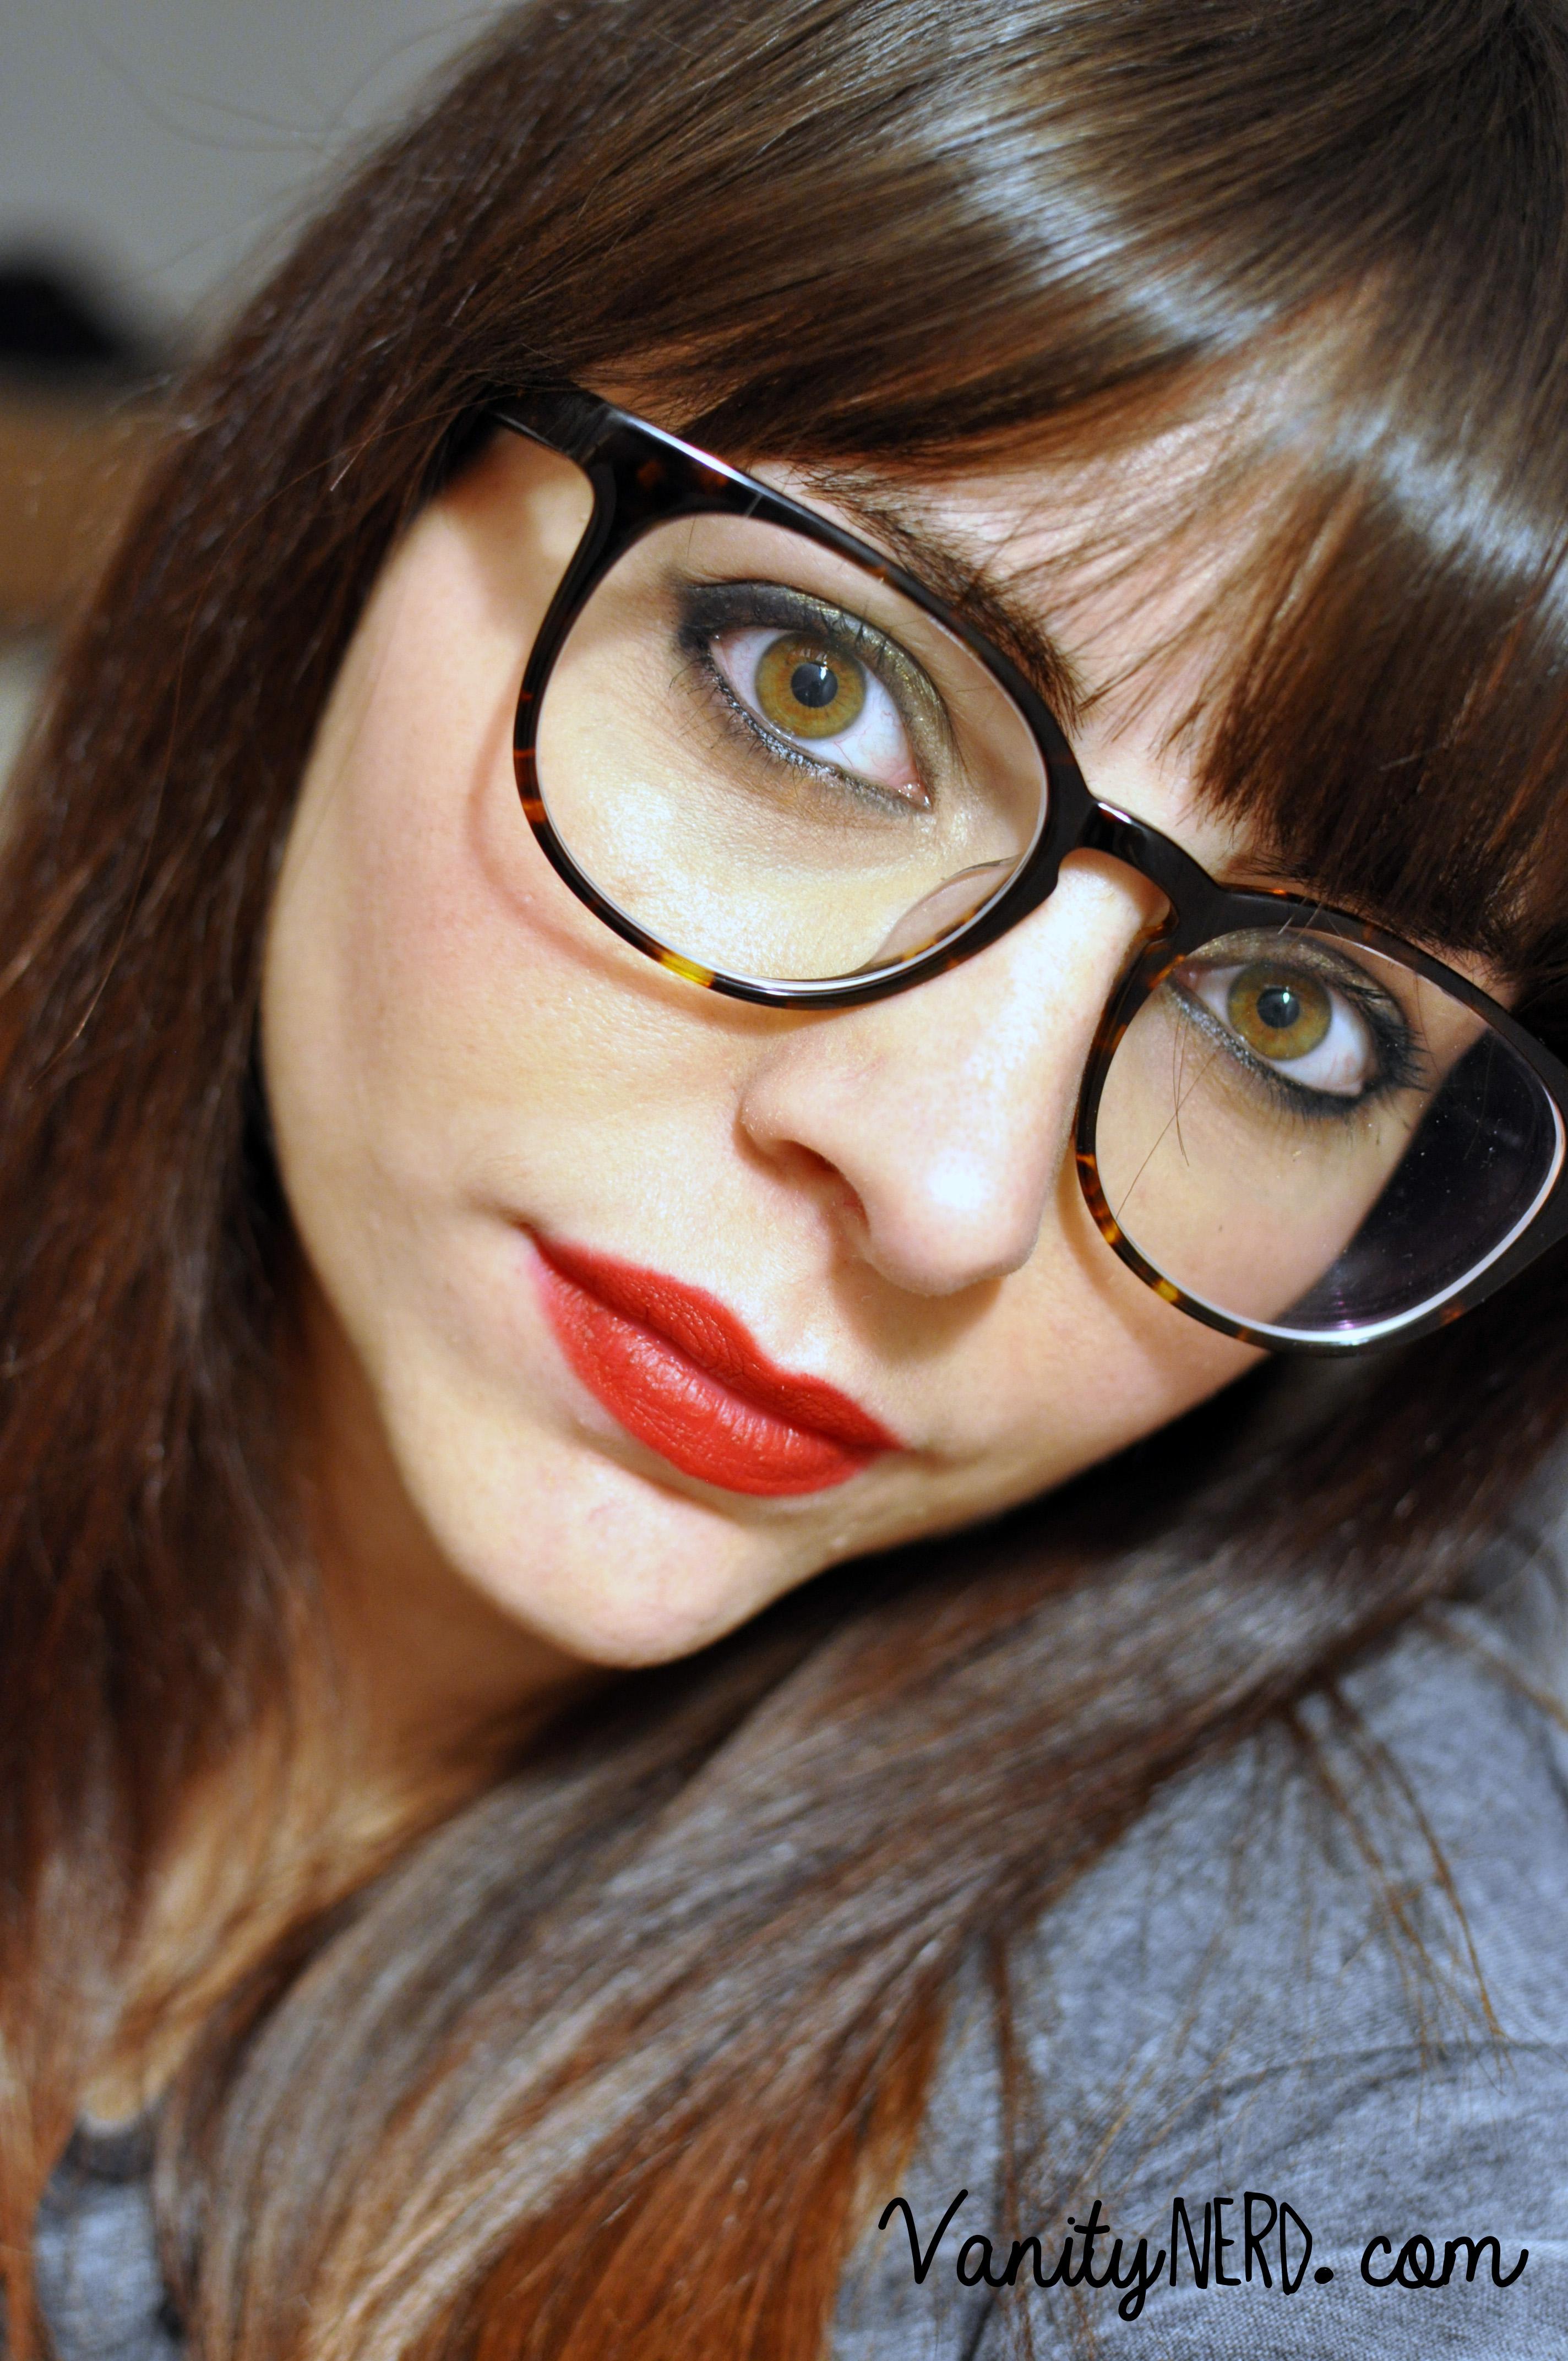 È difficile fare foto ingannatrici con gli occhiali, abbiate pazienza